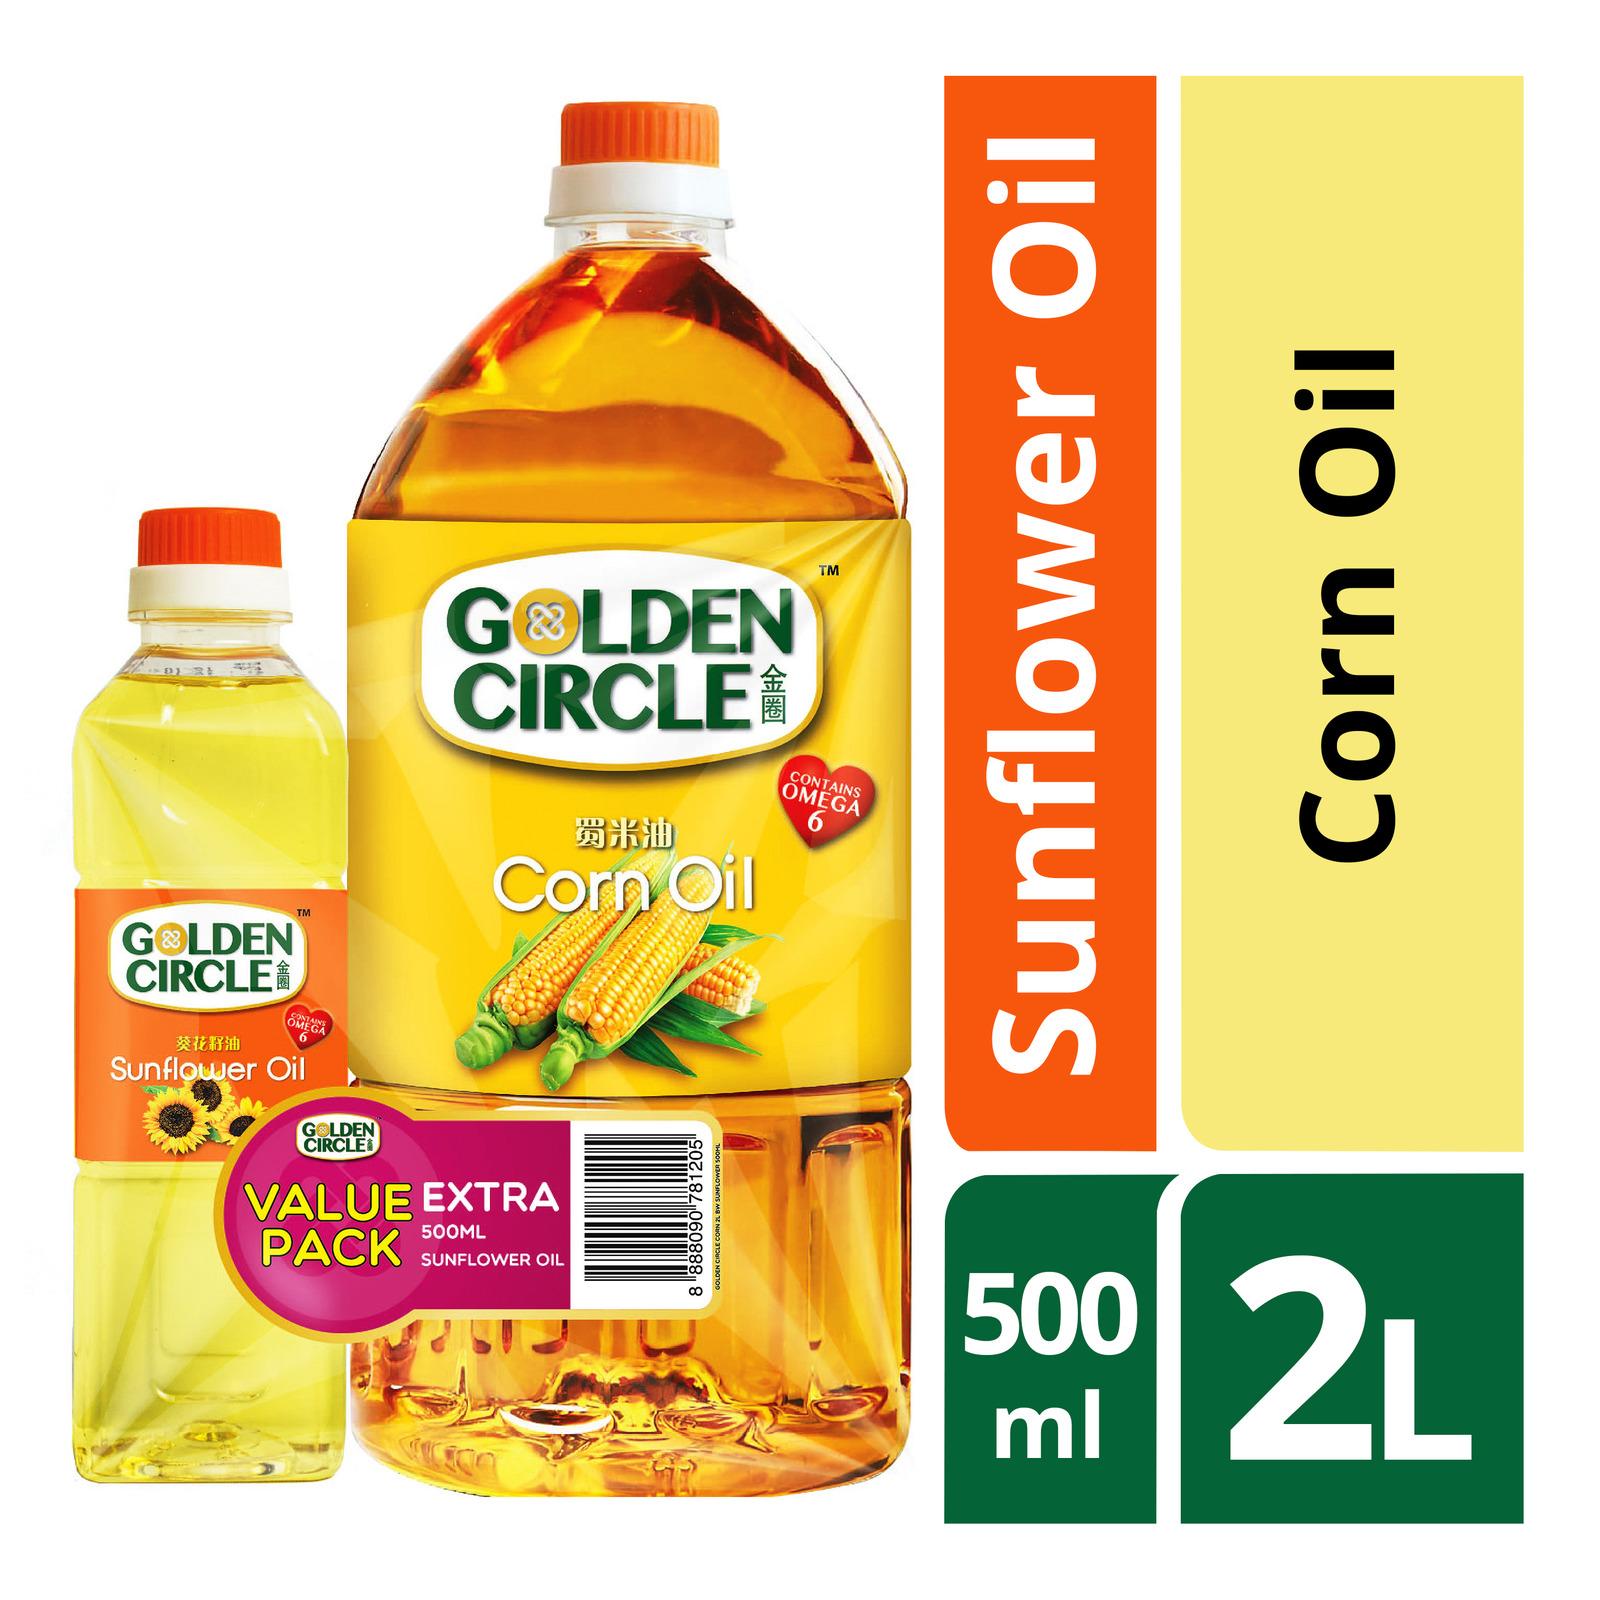 Golden Circle Corn Oil + Sunflower Oil